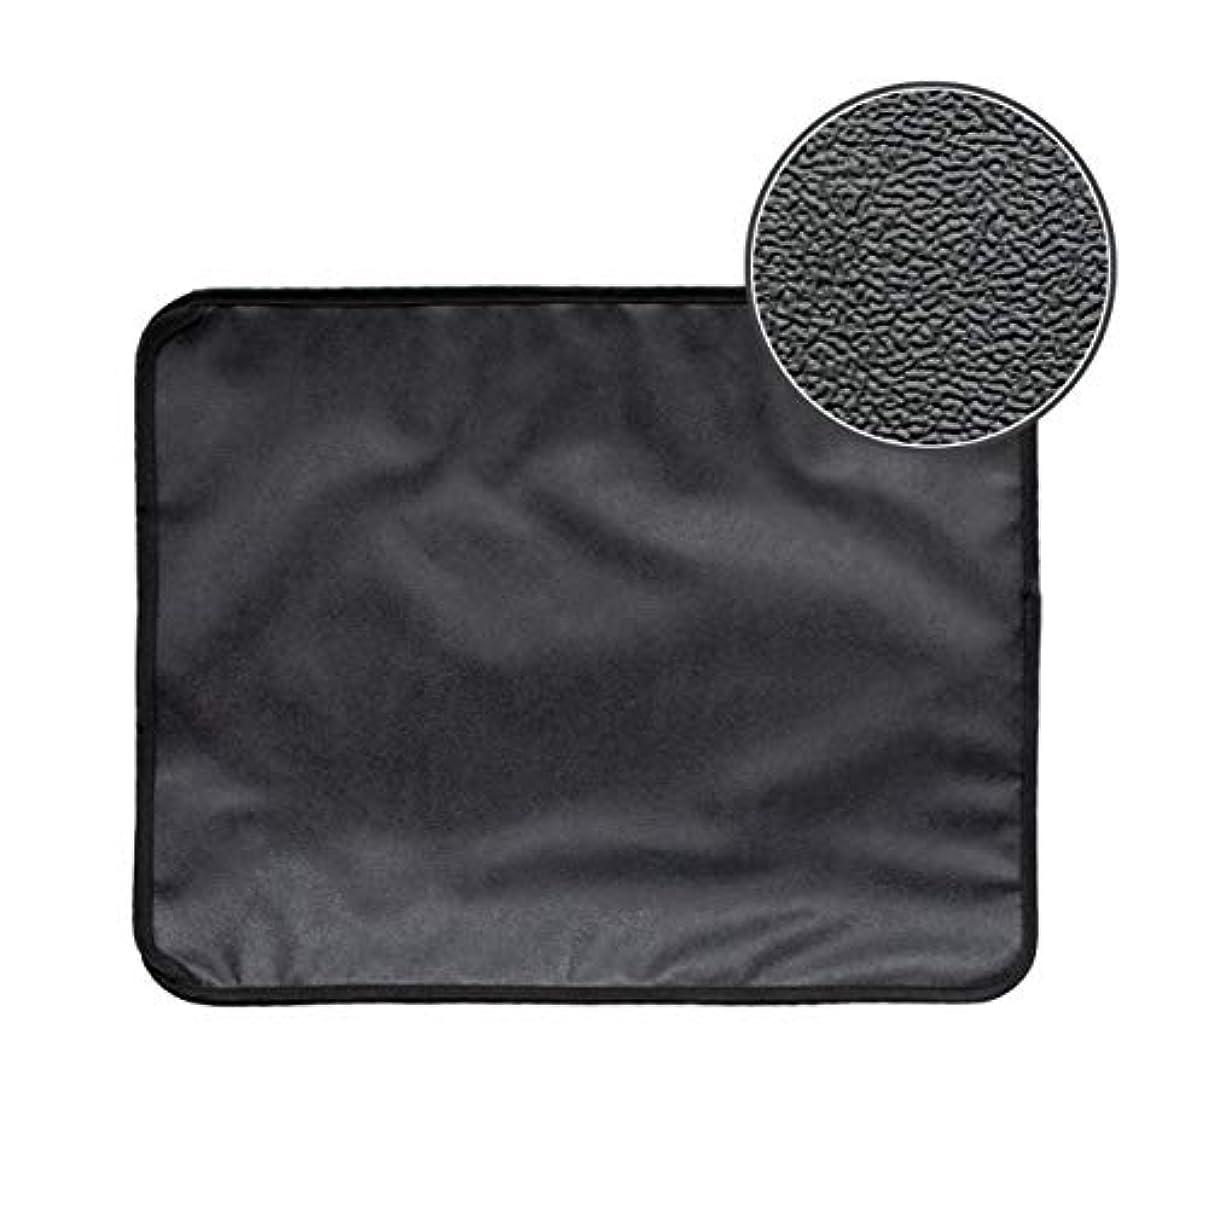 器具余剰ノイズSaikogoods 高弾性EVA 防水ボトム層と猫のトイレマット ブラック ダブルレイヤー 猫のトイレトラッパーマット 黒